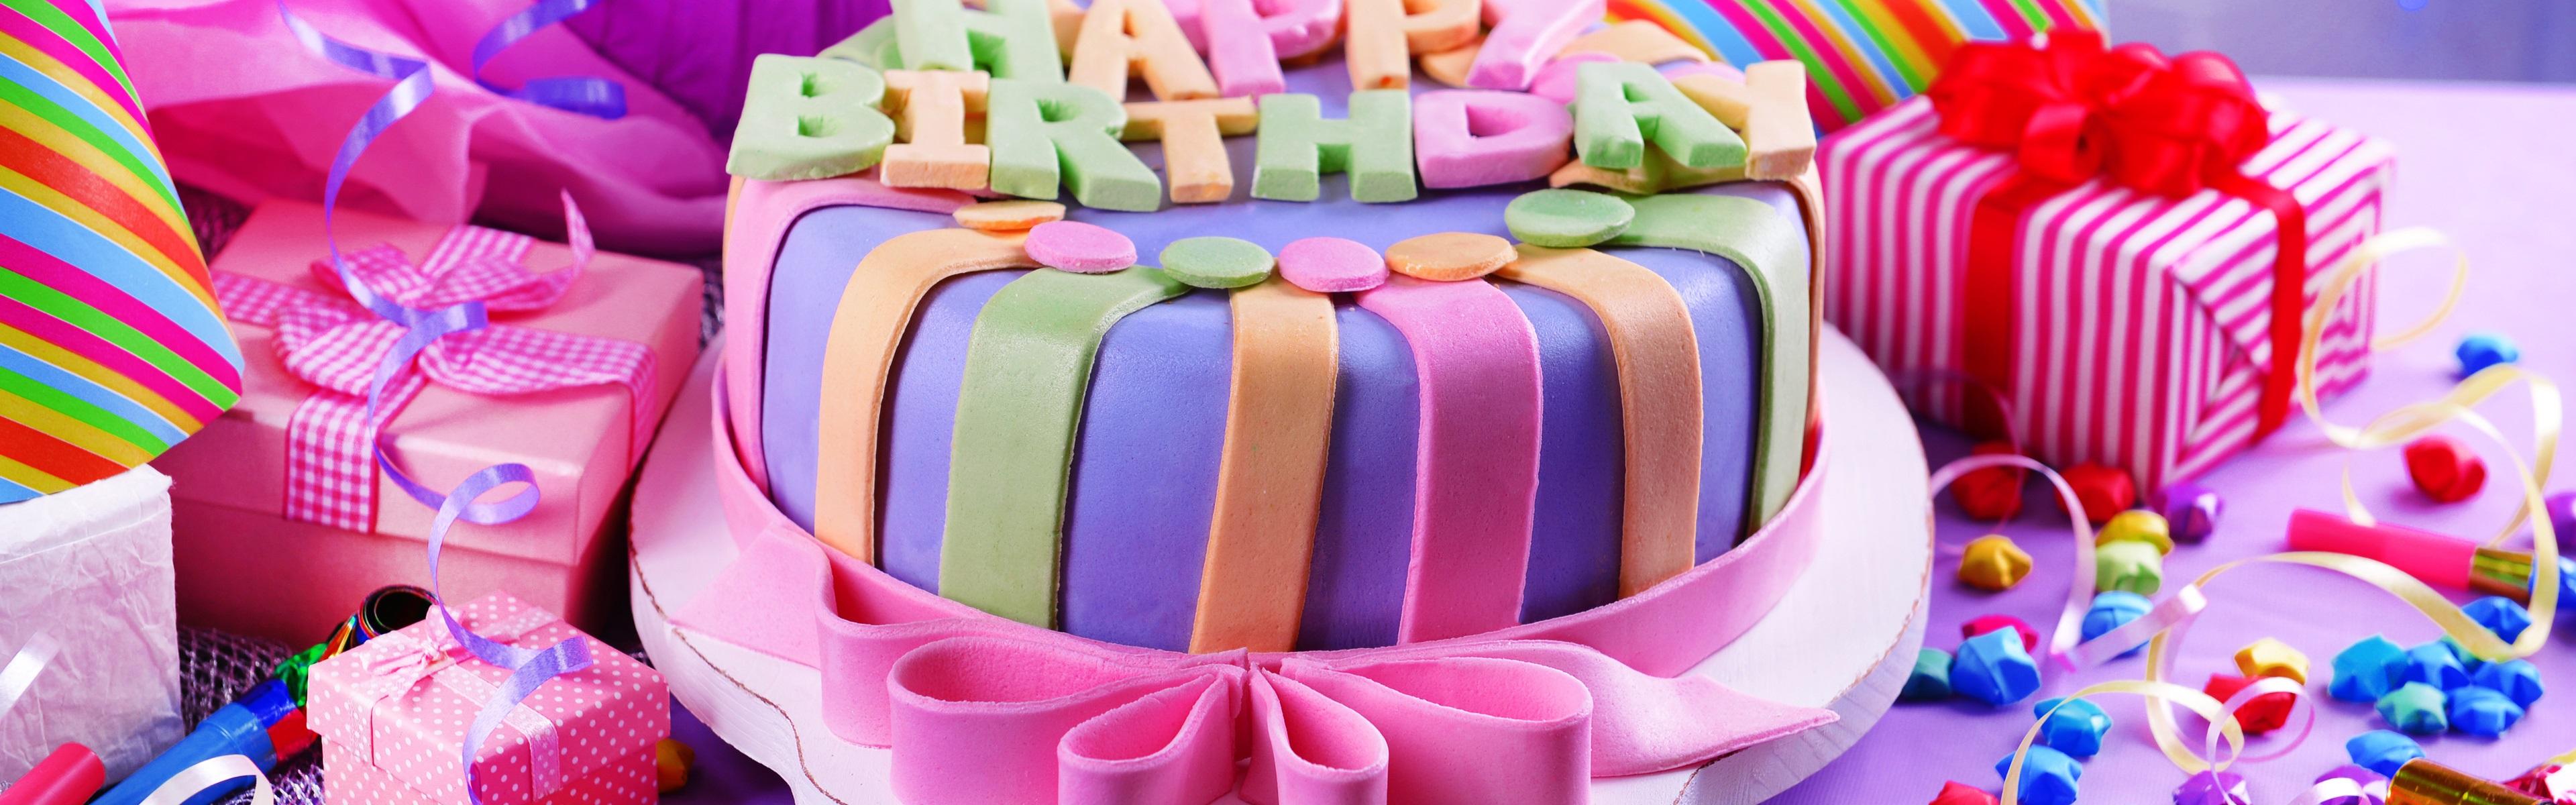 Картинки с тортами и подарками 807